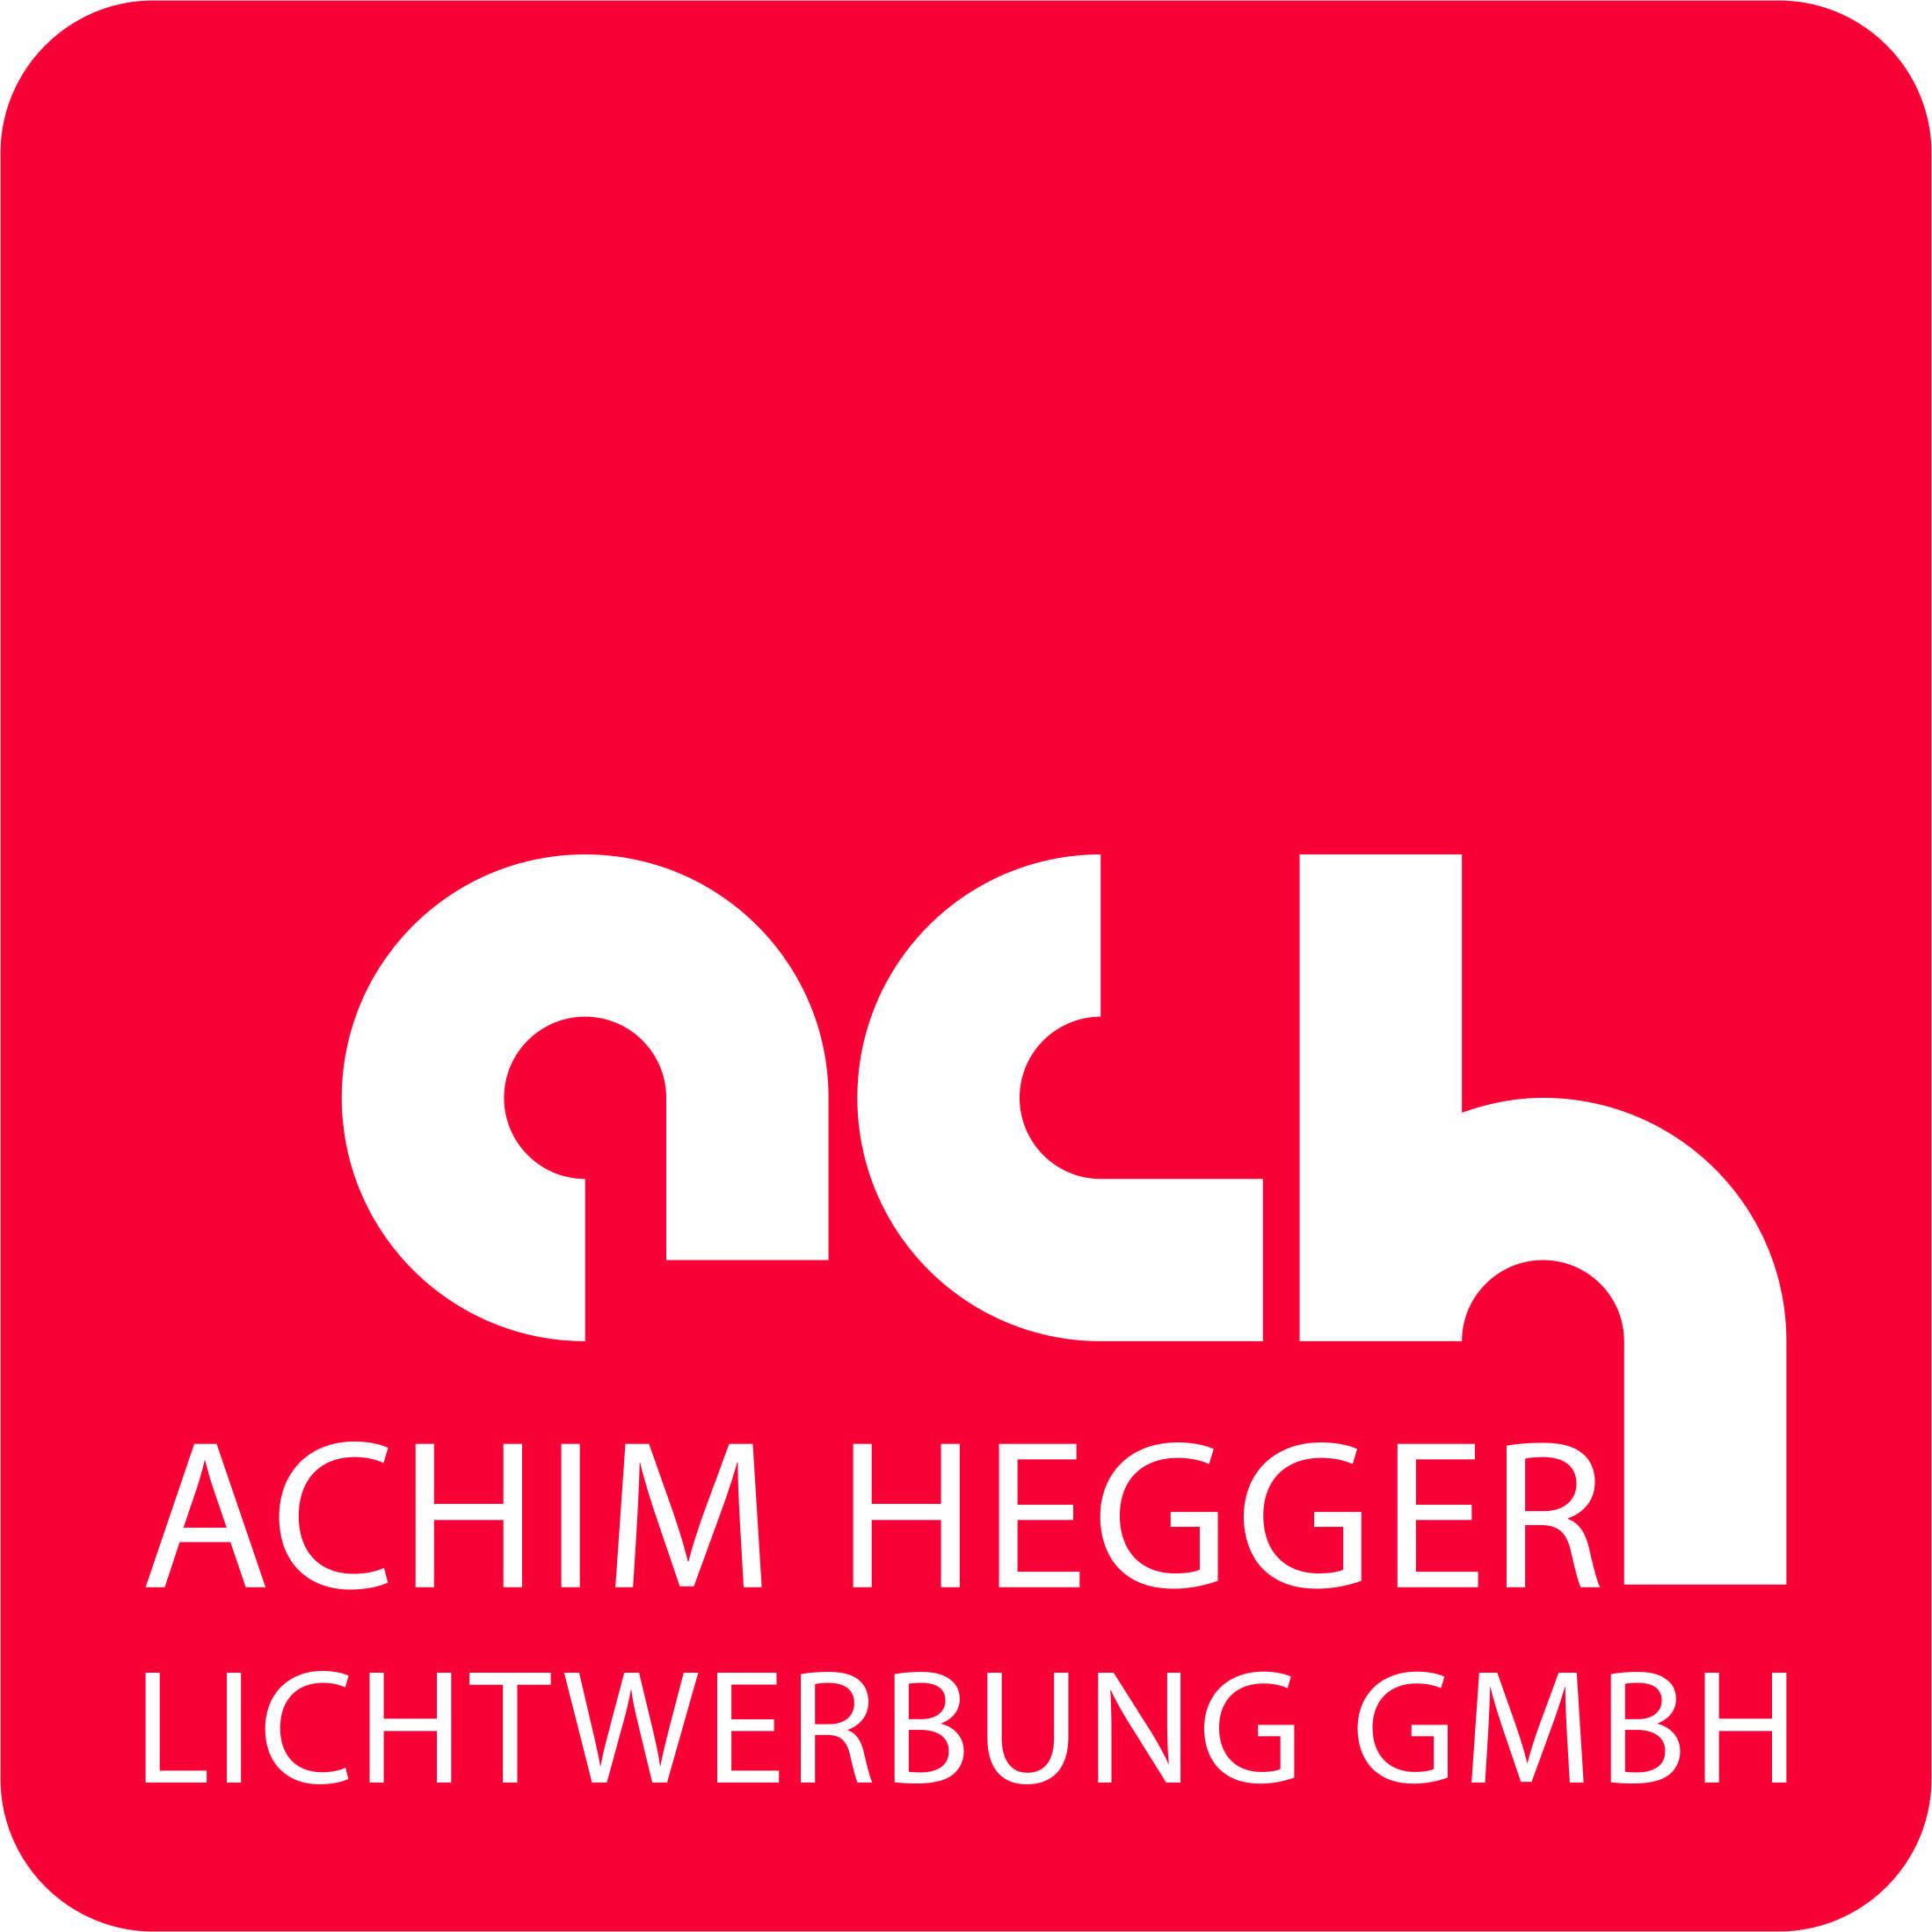 1993 Gründung der Achim Hegger Lichtwerbung GmbH